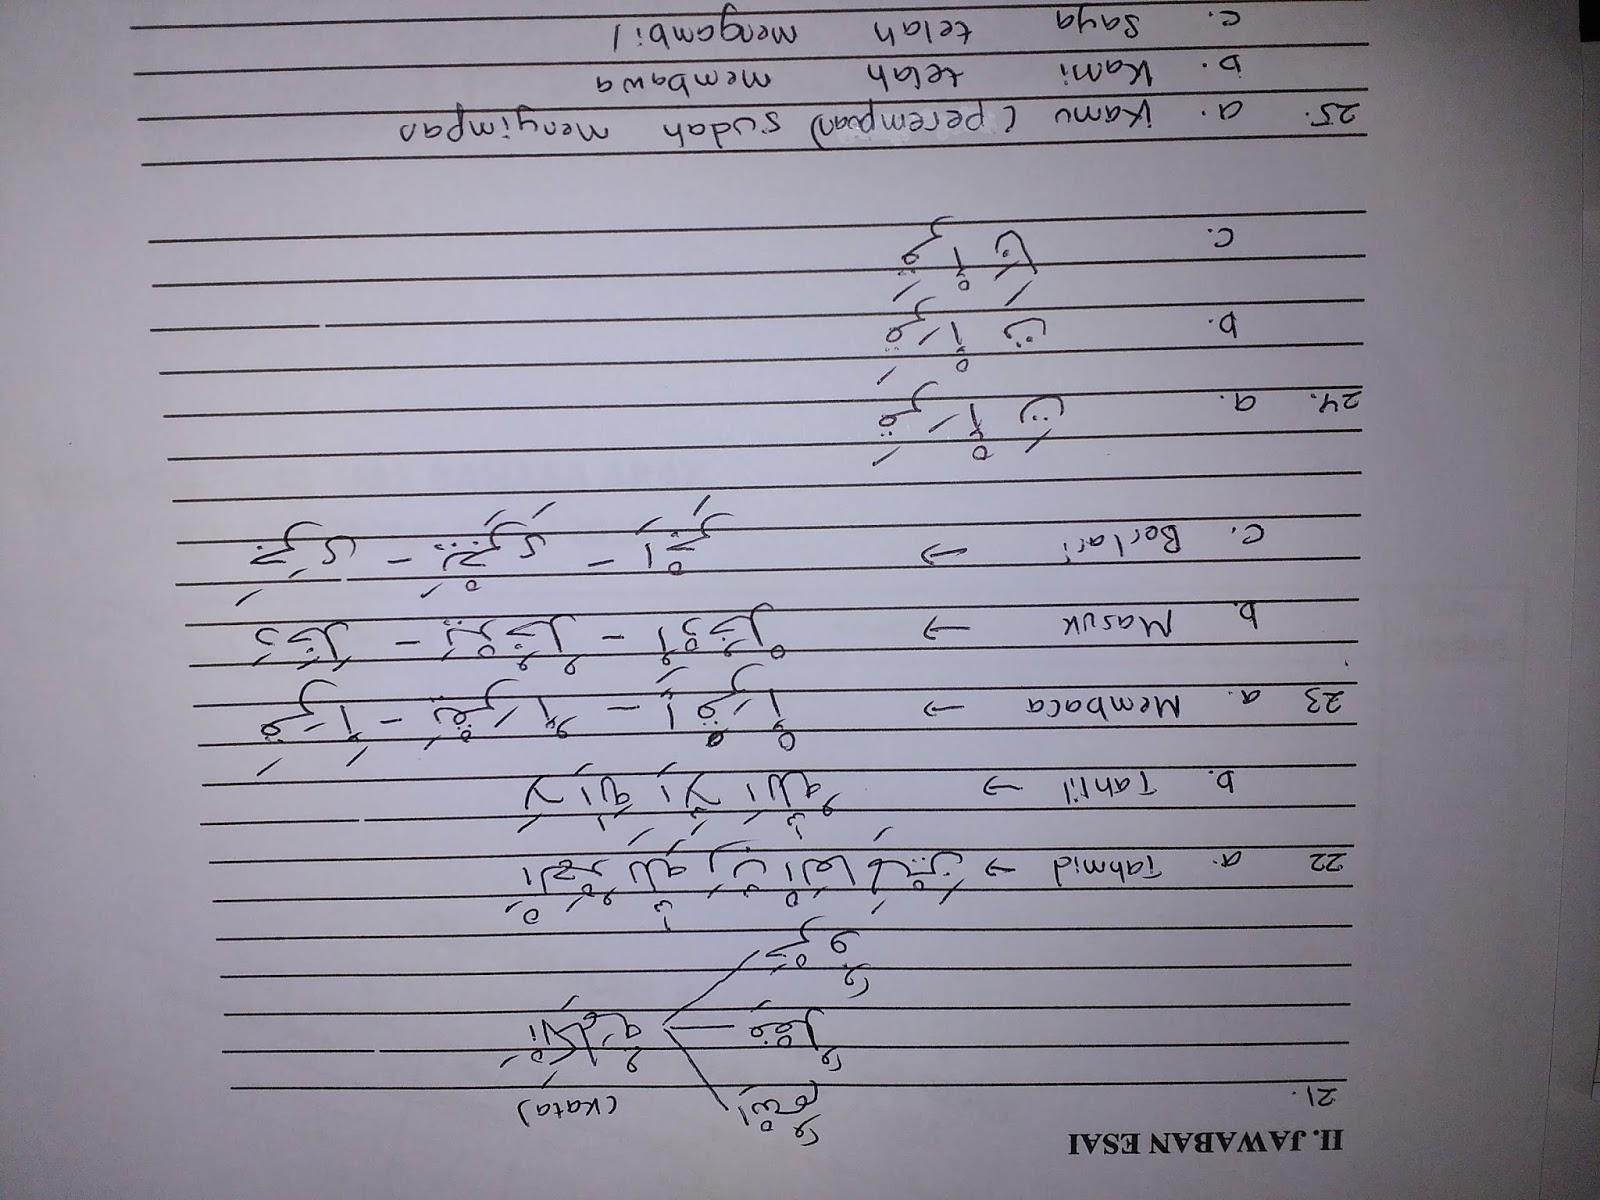 Contoh Soal Uas Bahasa Arab Kelas 8 Smp Mts Semester 1 Dan Kunci Jawabannya Pelajaran Bahasa